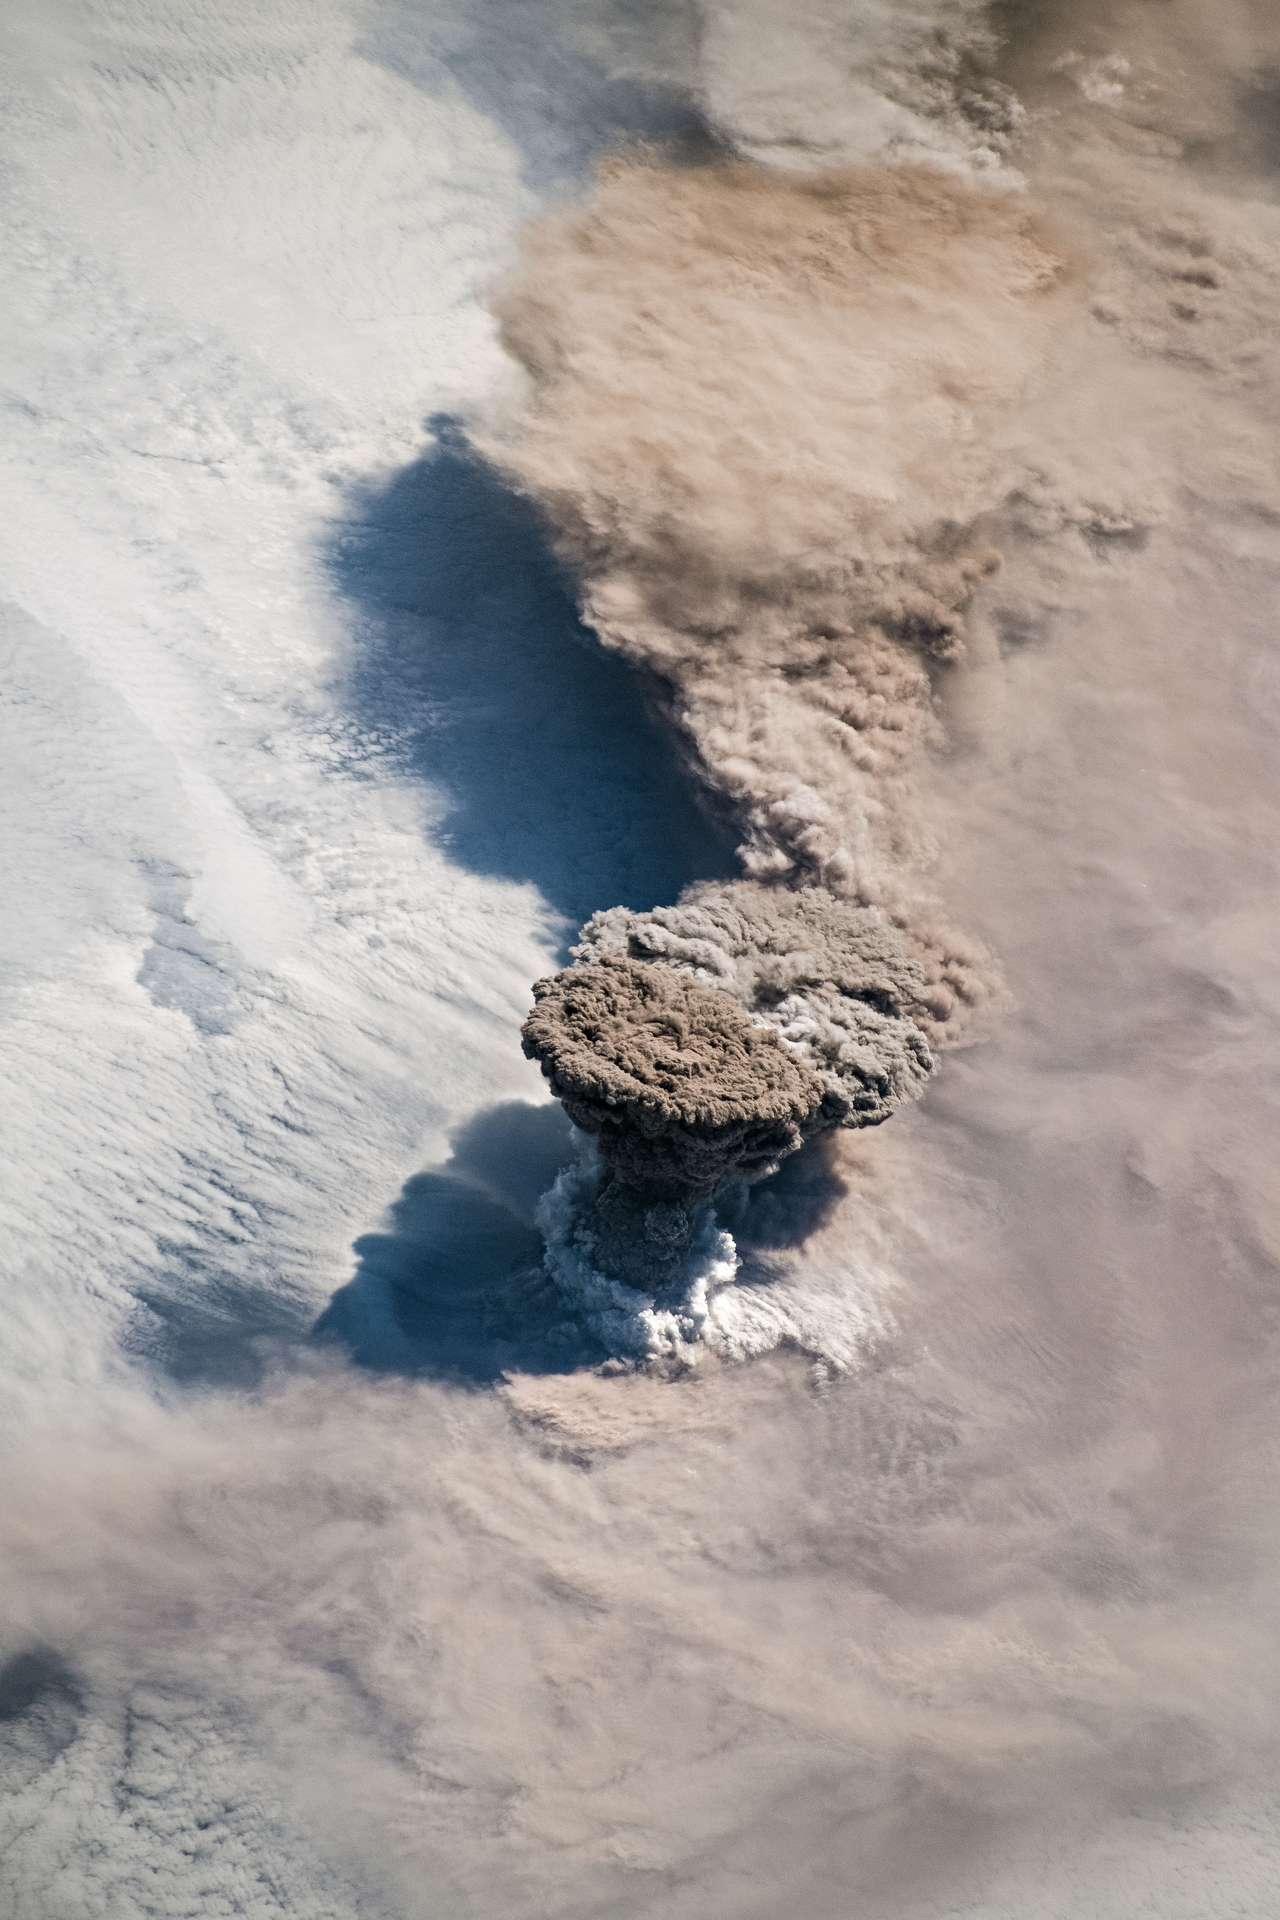 Un astronaute de l'ISS a immortalisé le nuage de cendres en champignon éjecté par le Raikoke, une île volcanique au nord-est du Japon, entré en éruption le 22 juin 2019, pour la première fois depuis 1924. © ISS – Digital Camera